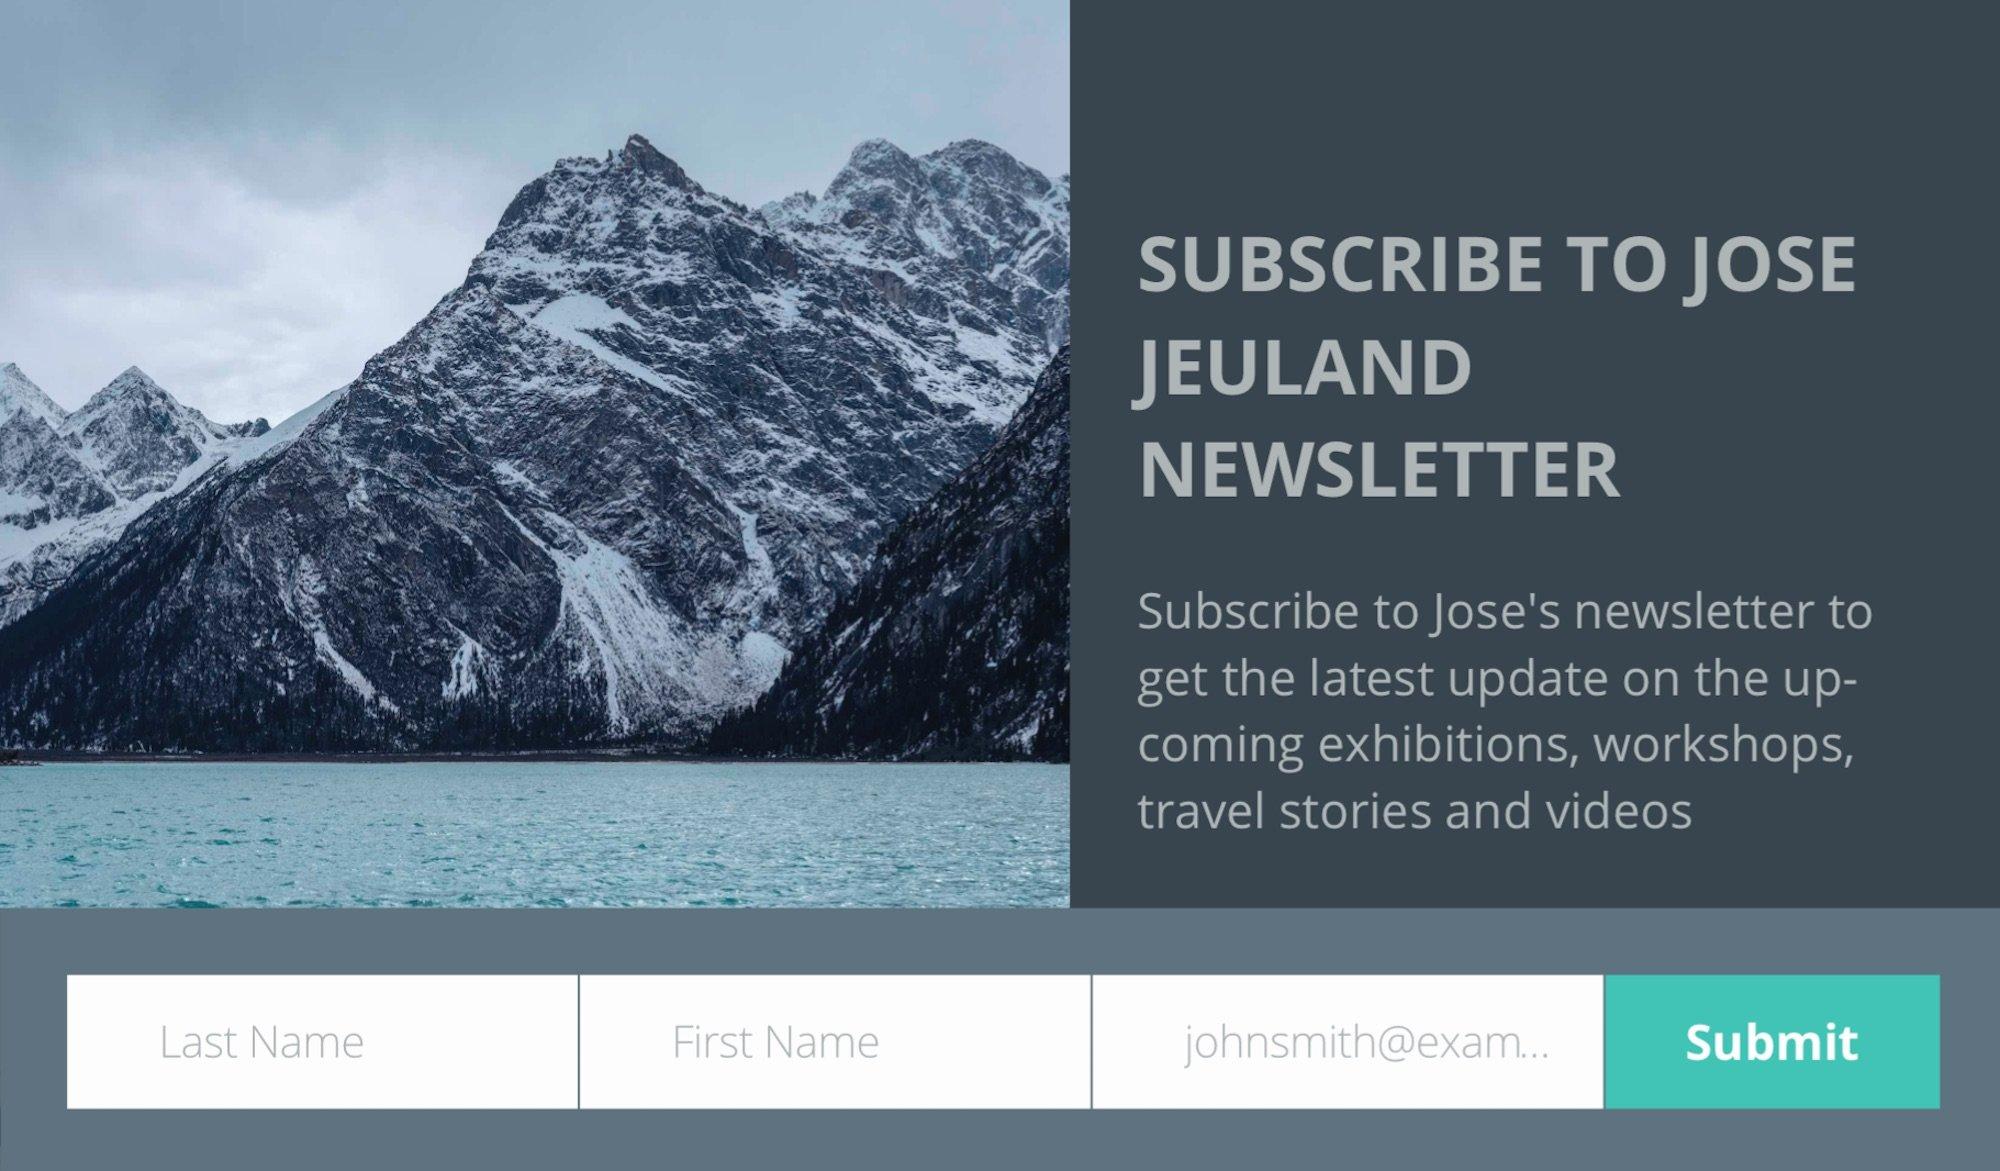 Newsletter, jose, jeuland, photography, photographer, singapore